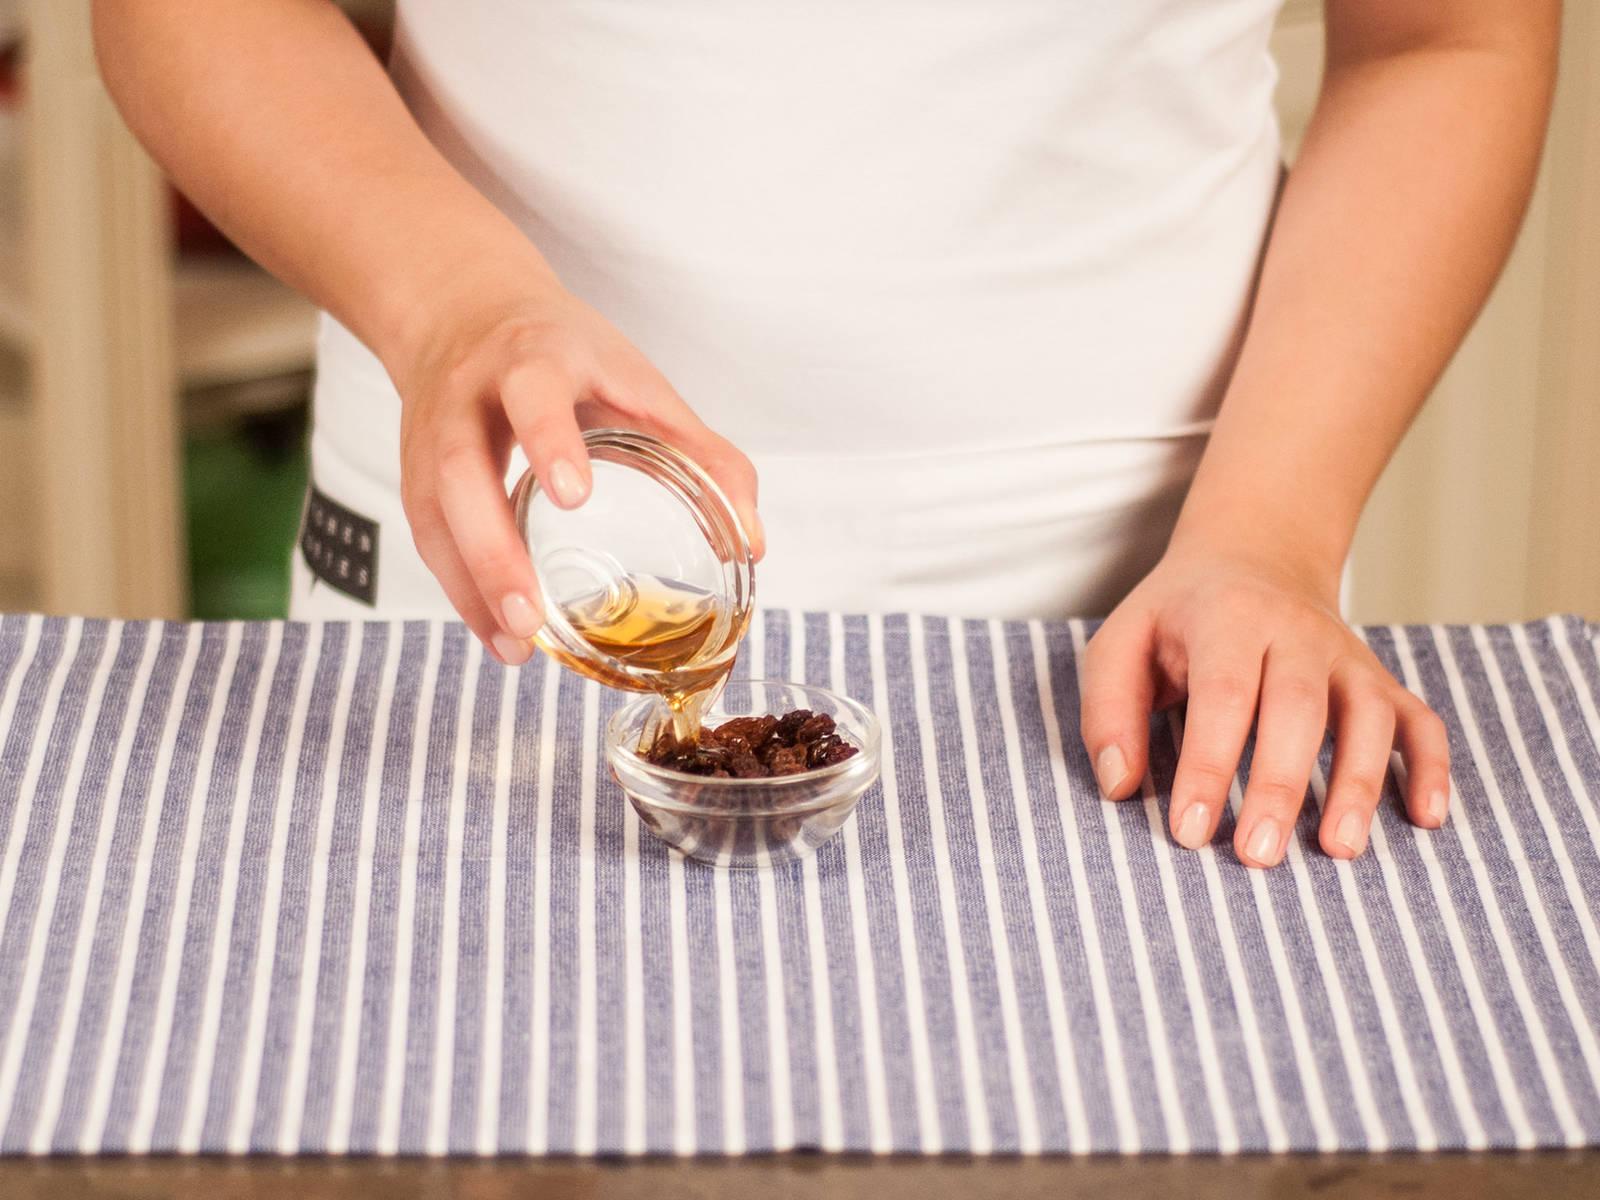 将葡萄干放入小碗,浸泡在朗姆酒中。静置10-15分钟,备用。